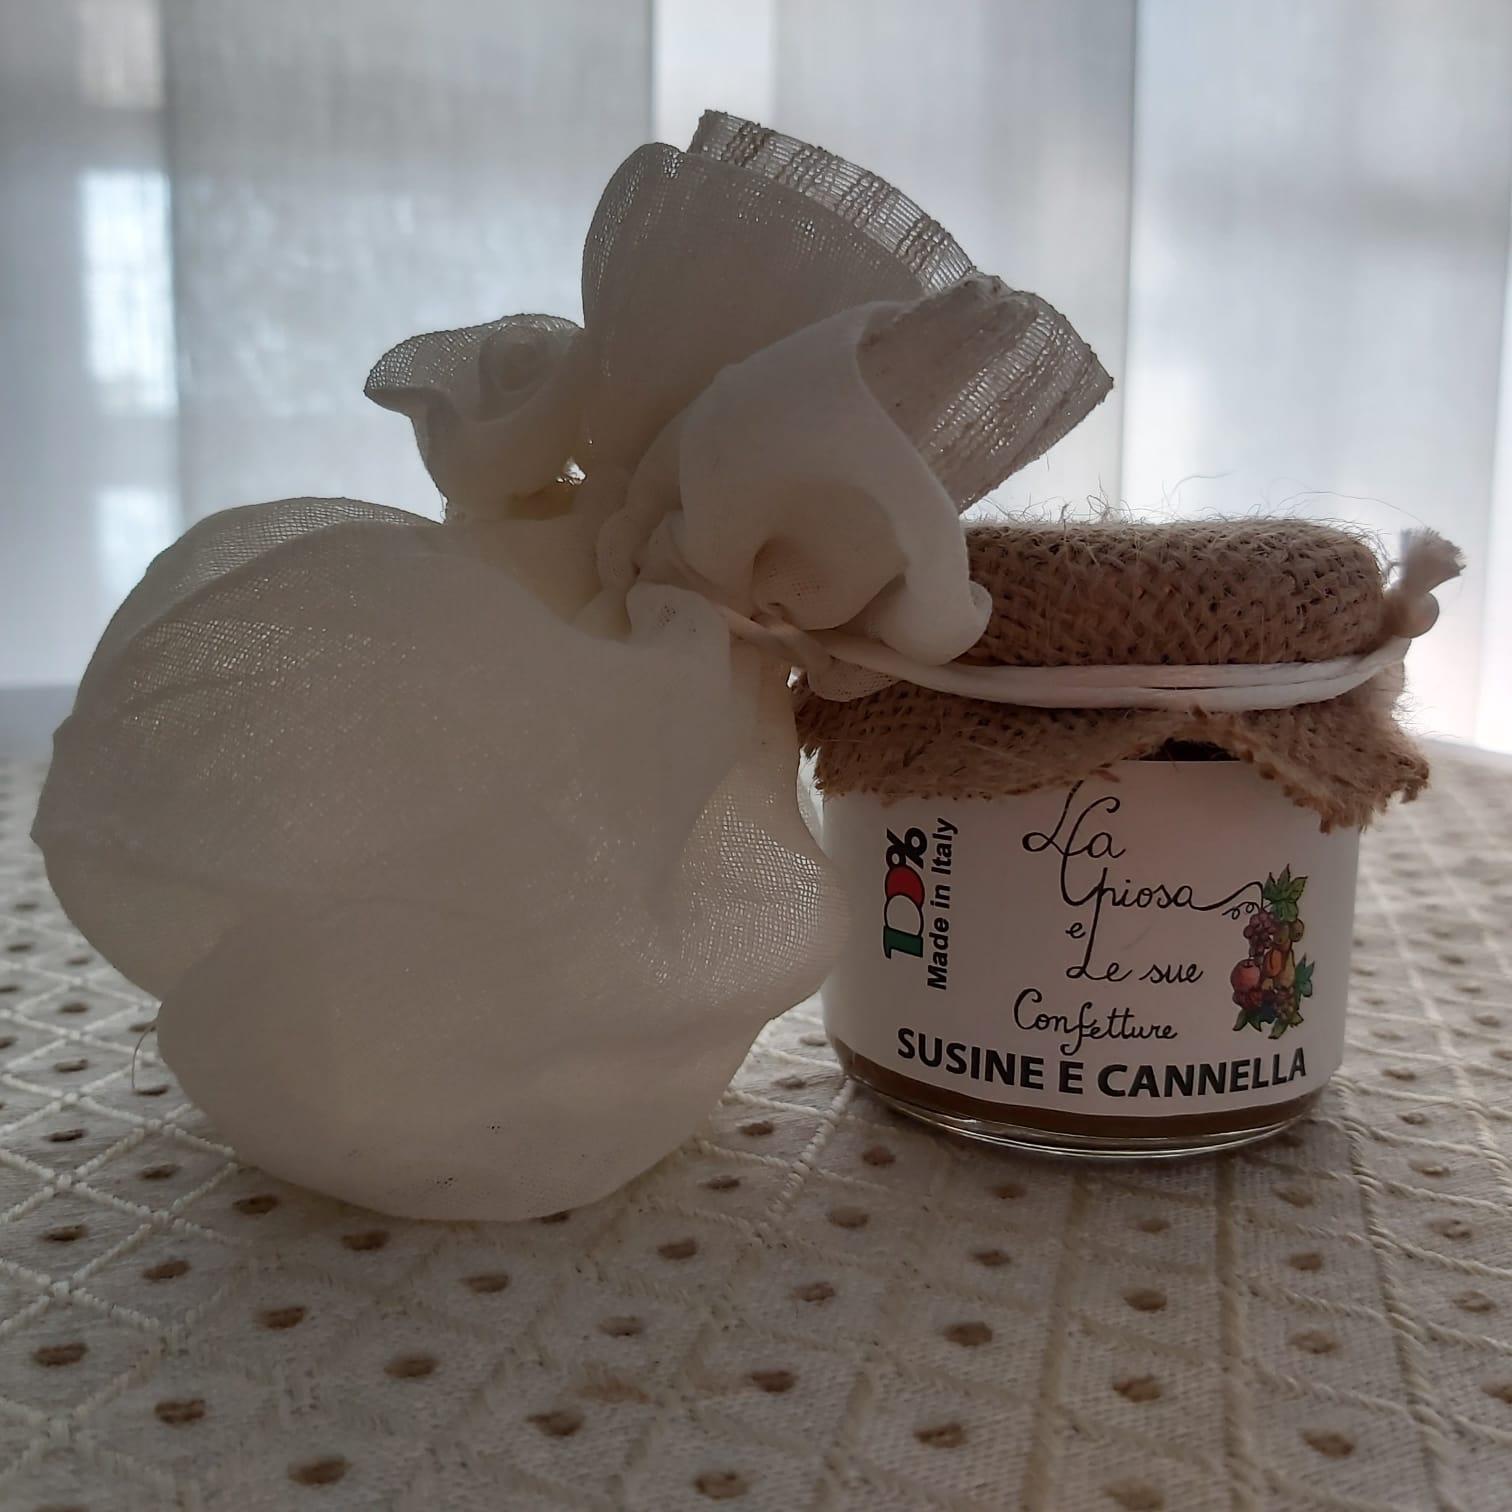 Confettura susine e cannella La Chiosa